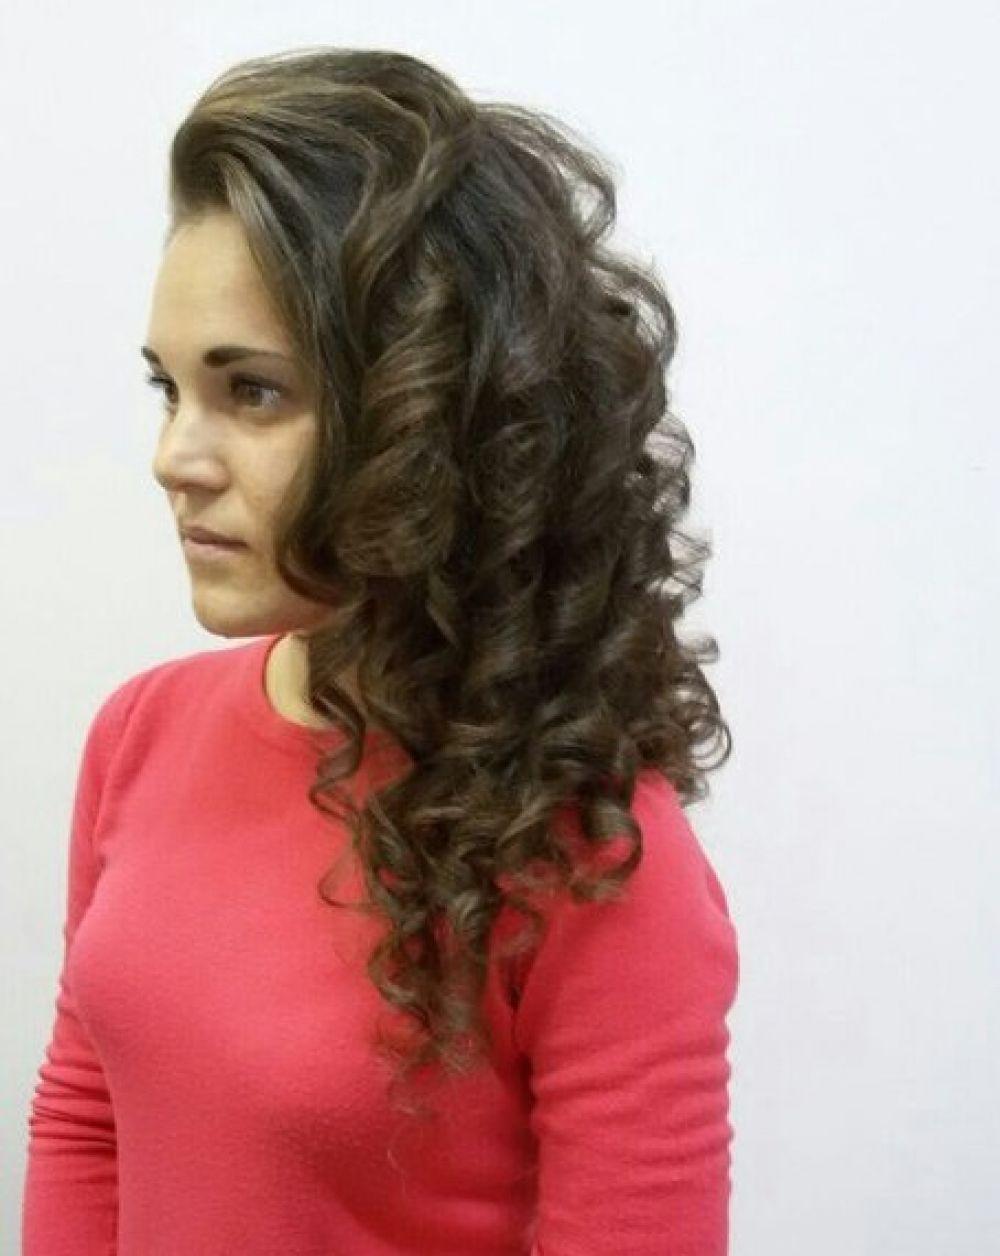 По словам казанского парикмахера-стилиста Елены Борзыгиной, прически настолько разнообразны, что каждая девушка может легко выбрать вариант по душе: будь то женственные локоны или футуристический вид, или сложная причёска с косами и узорами.